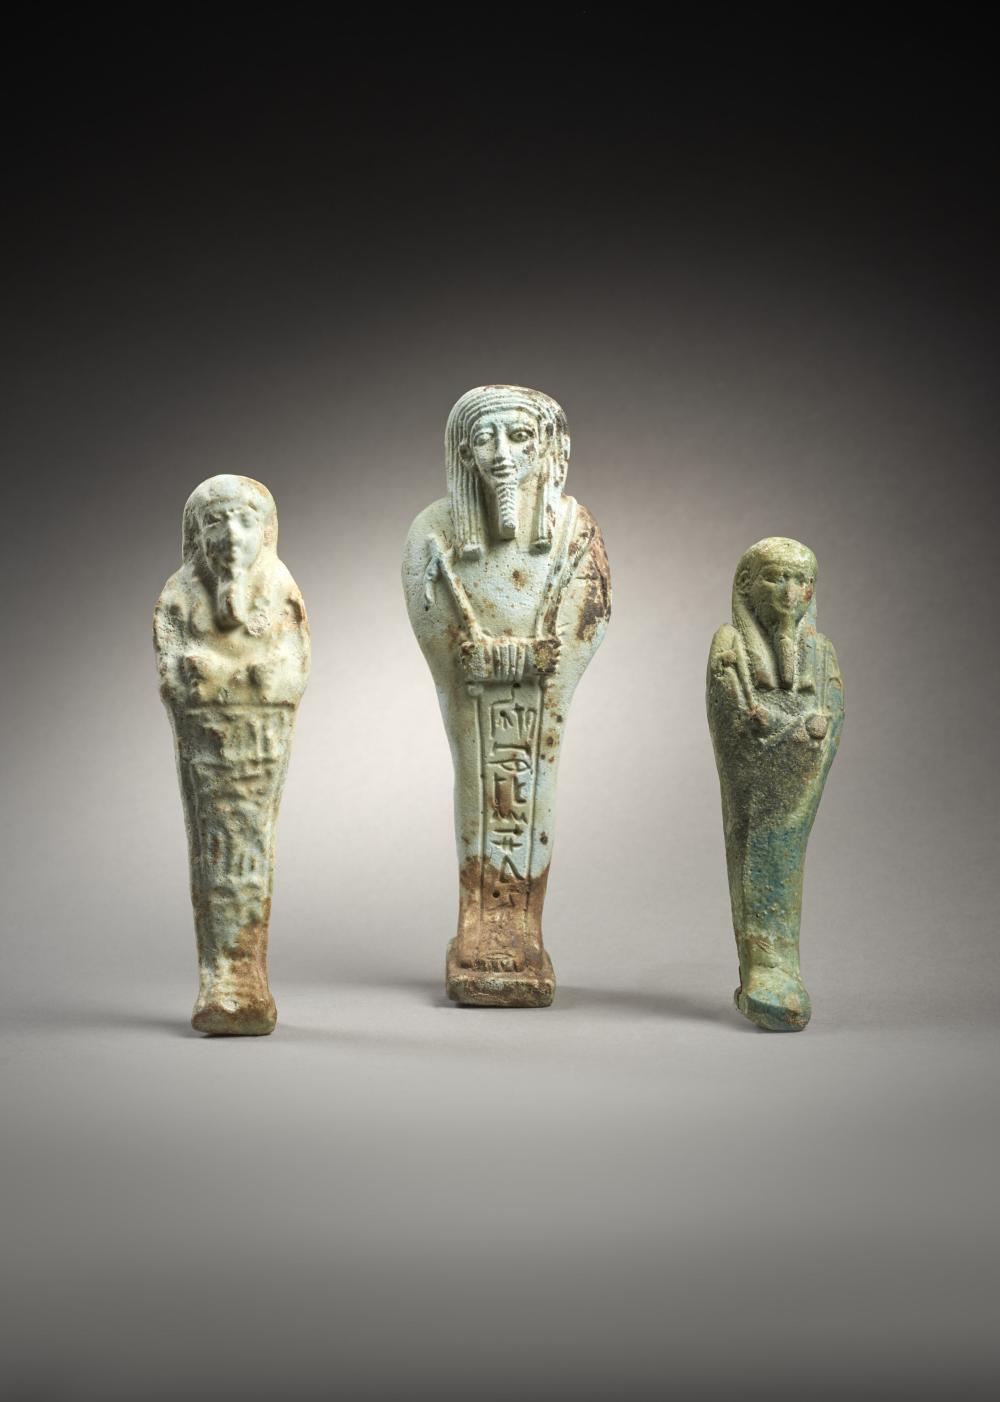 LOT COMPOSÉ DE TROIS OUSHEBTIS EN FAÏENCE Art égyptien, Basse Époque, 664 - 332 av. J.-C.